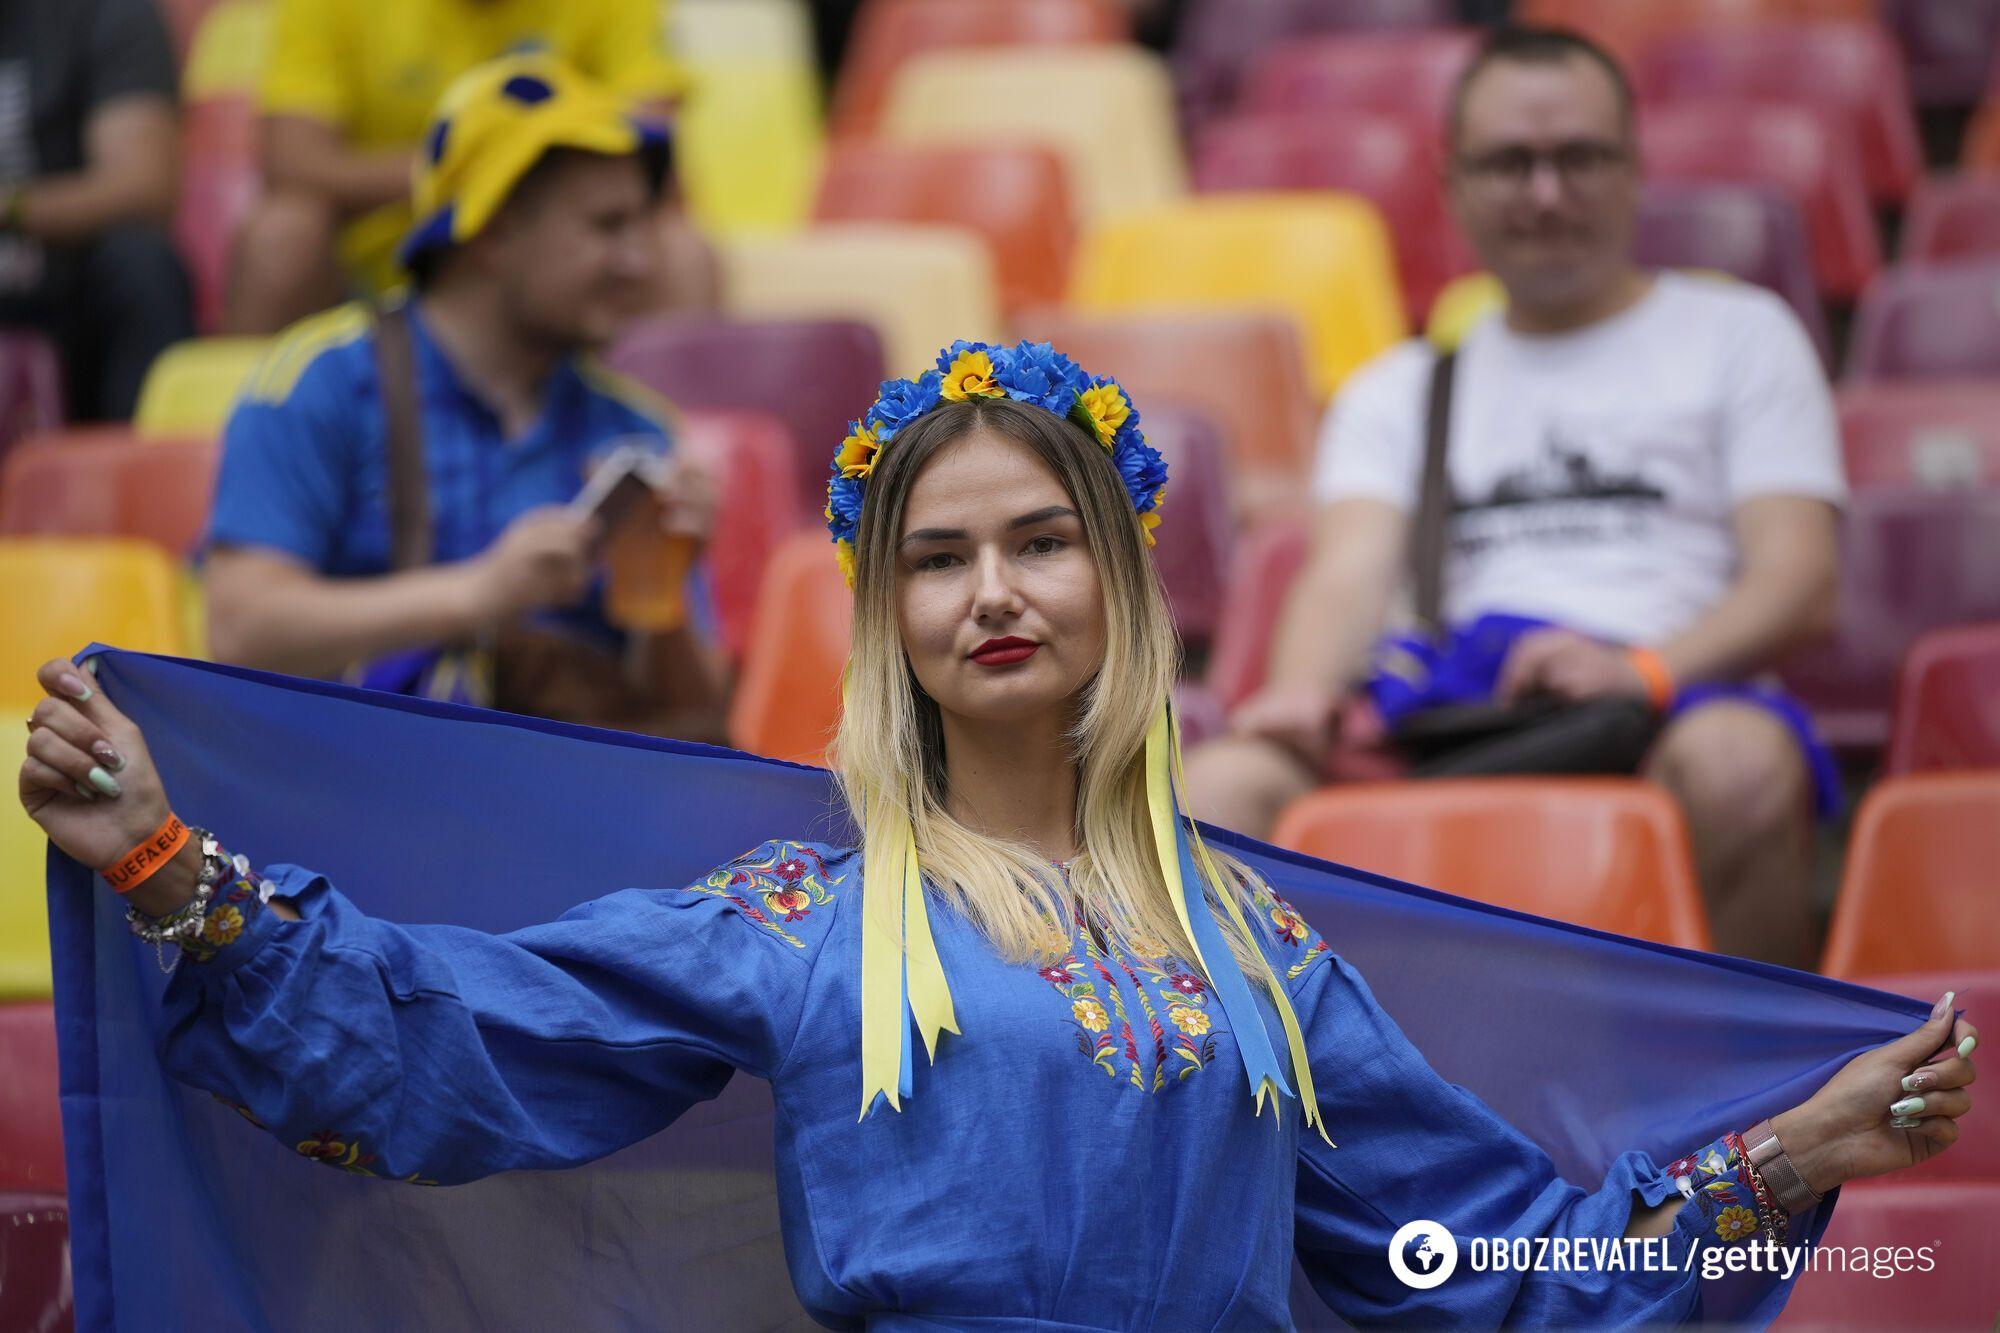 Українська вболівальниця на матчі Україна - Північна Македонія